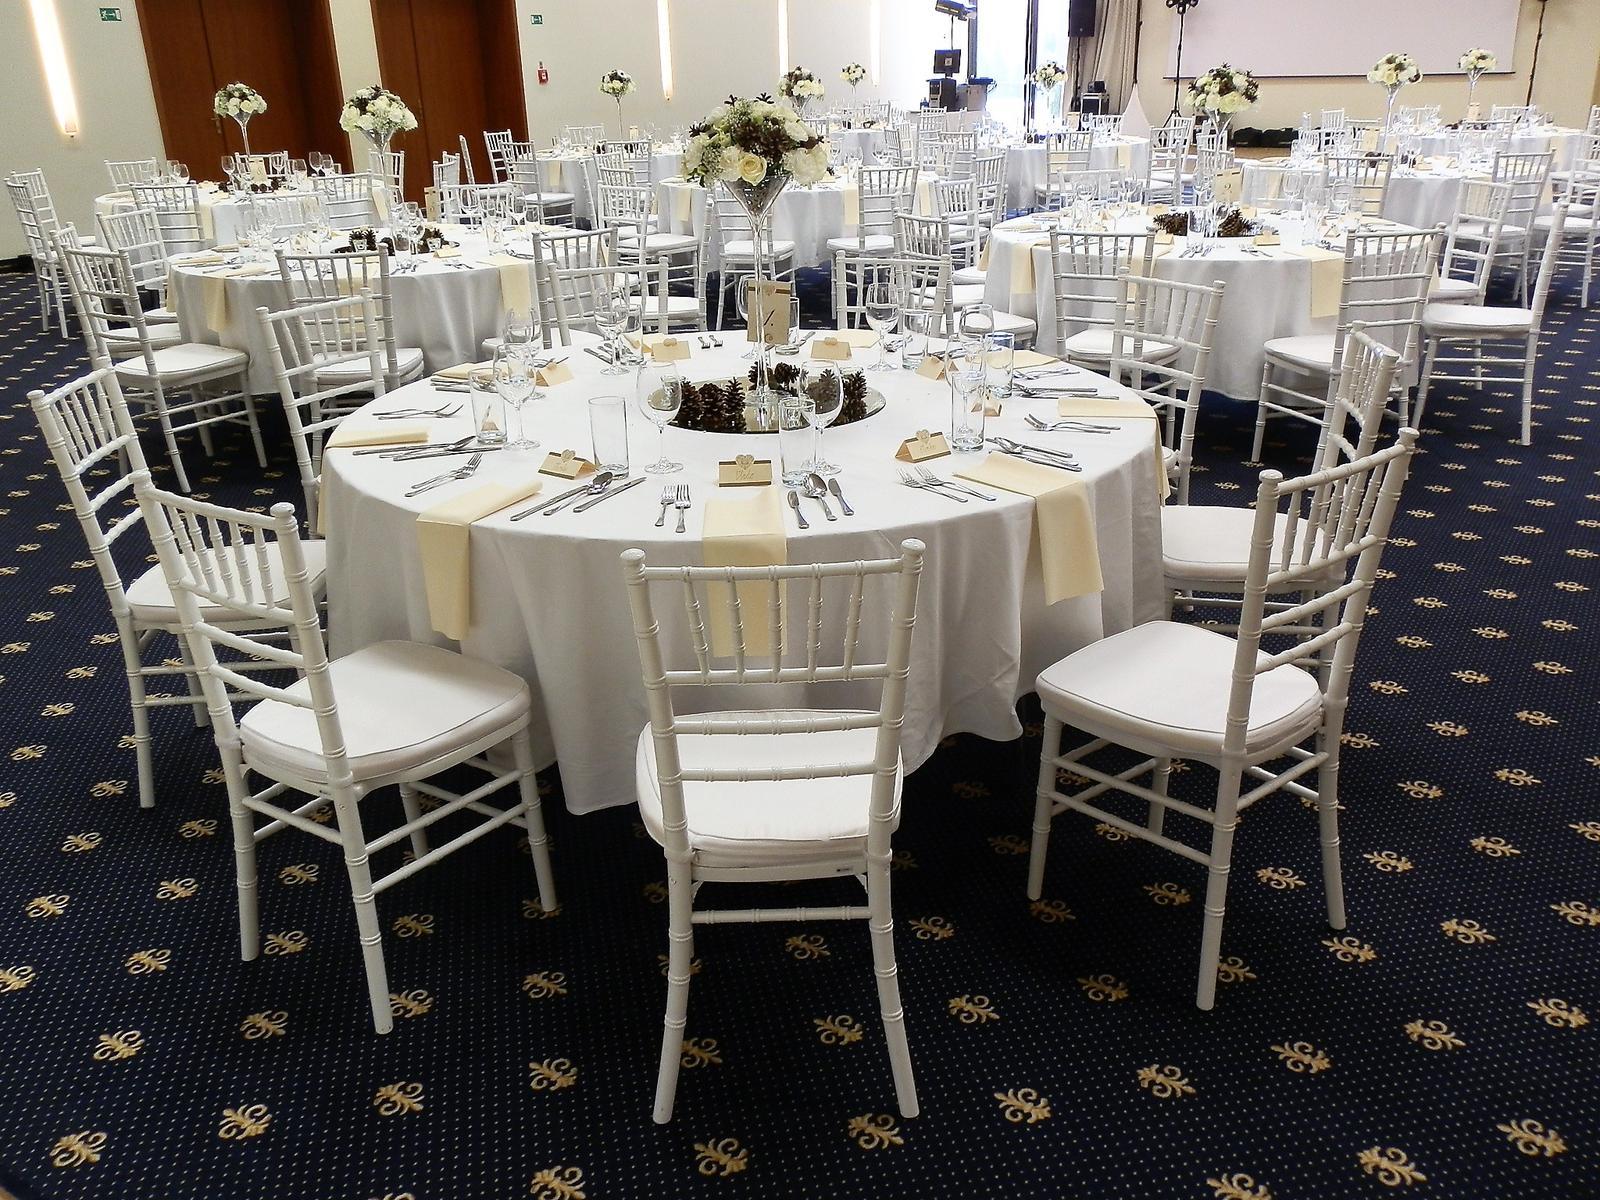 Elegantné biele chiavari stoličky dodajú vašej svadbe ten správny šmrnc... - Obrázok č. 2